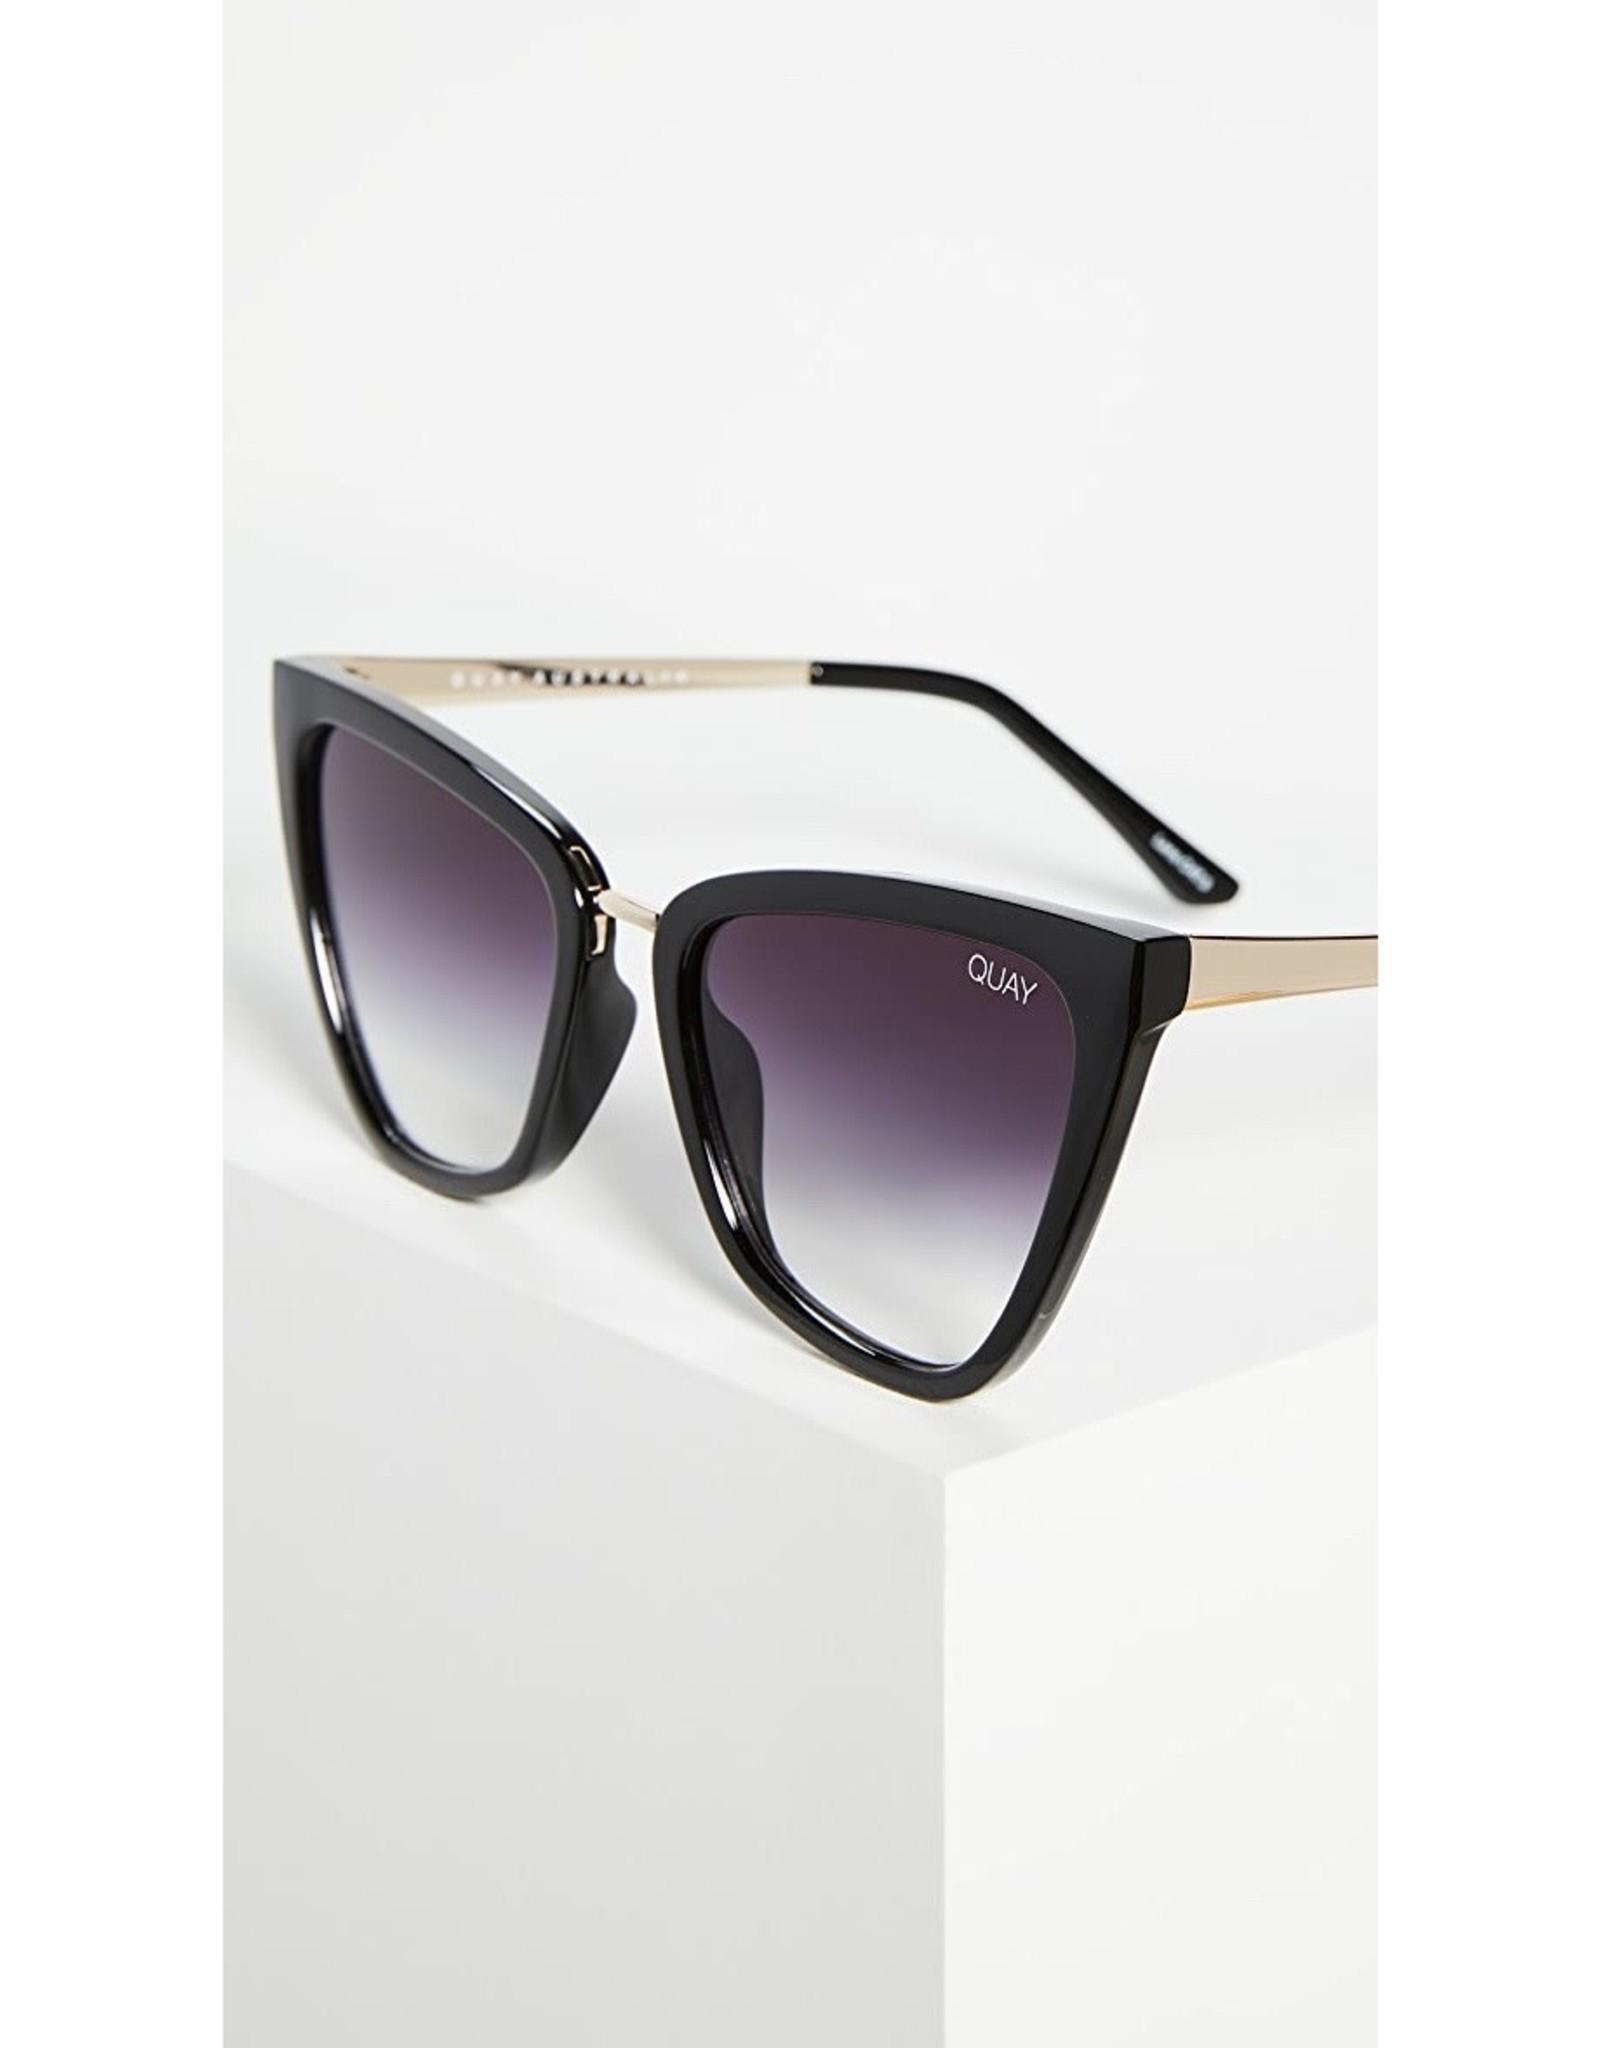 QUAY REINA Black/ Fade Sunglasses